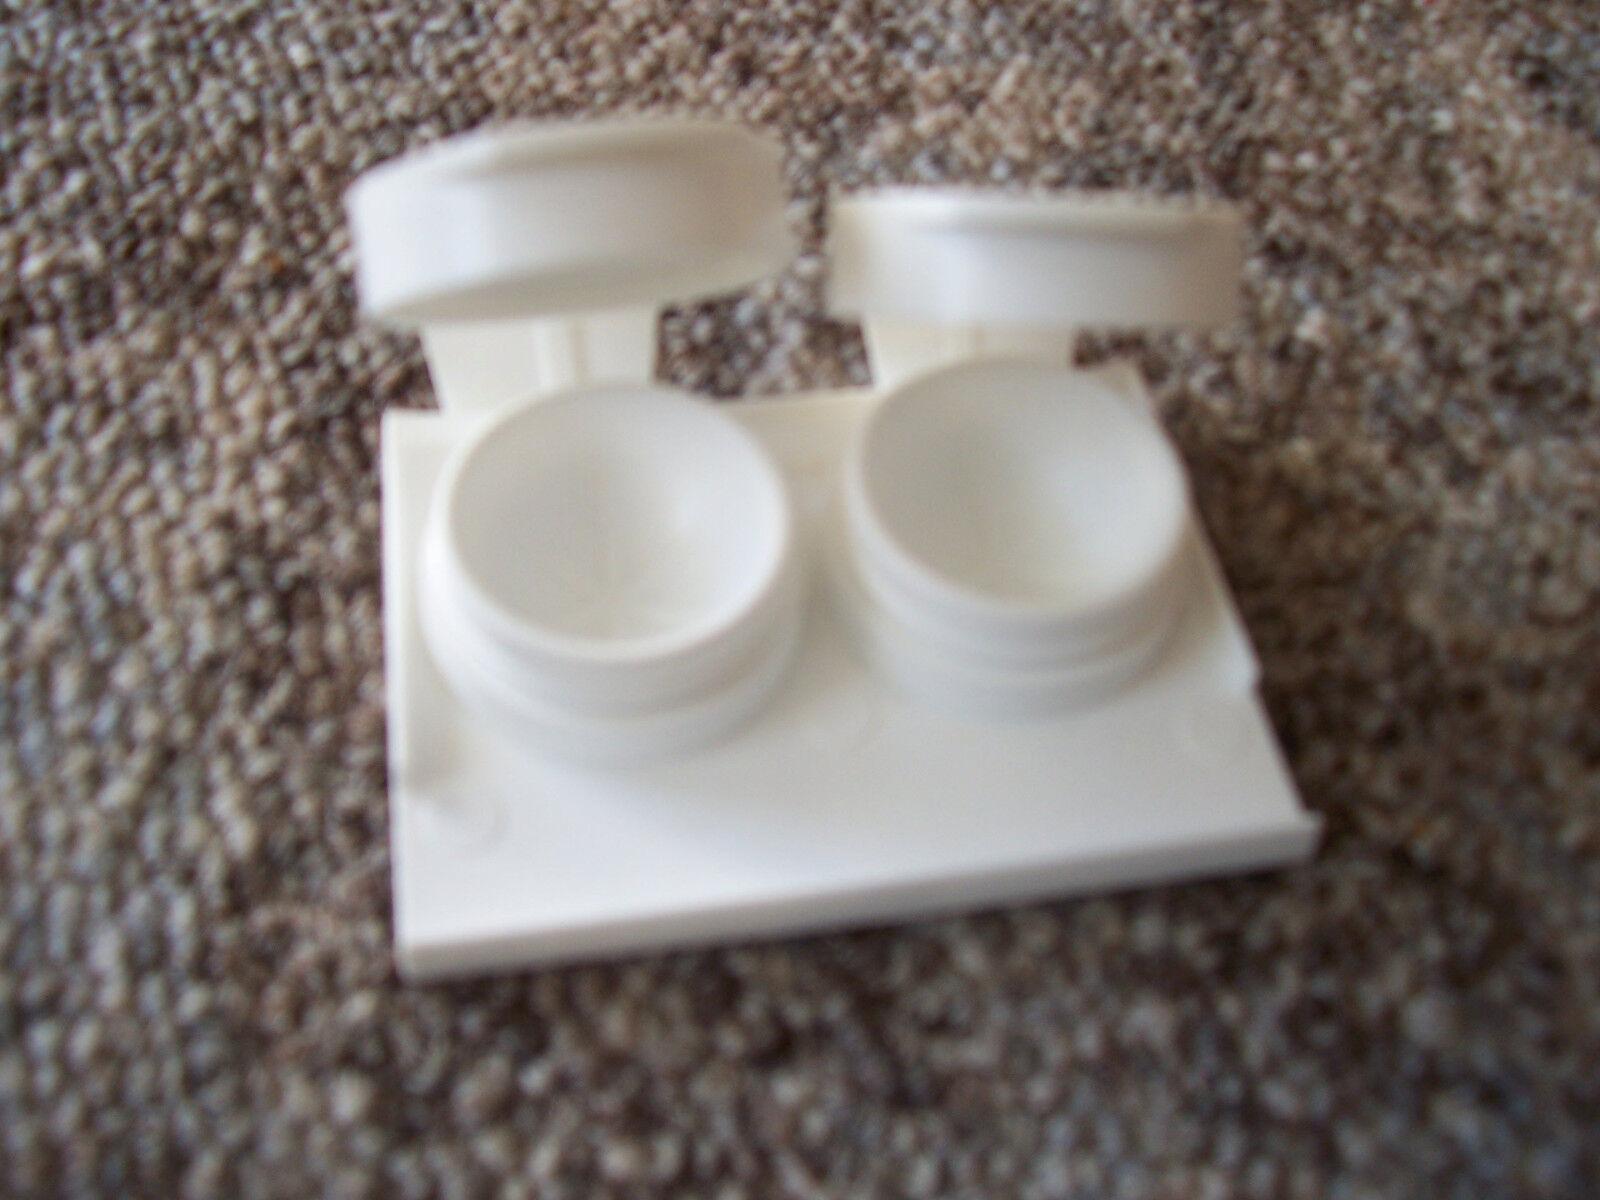 Kontaktlinsenbehälter für harte und weiche Kontaktlinsen von Boston Lens